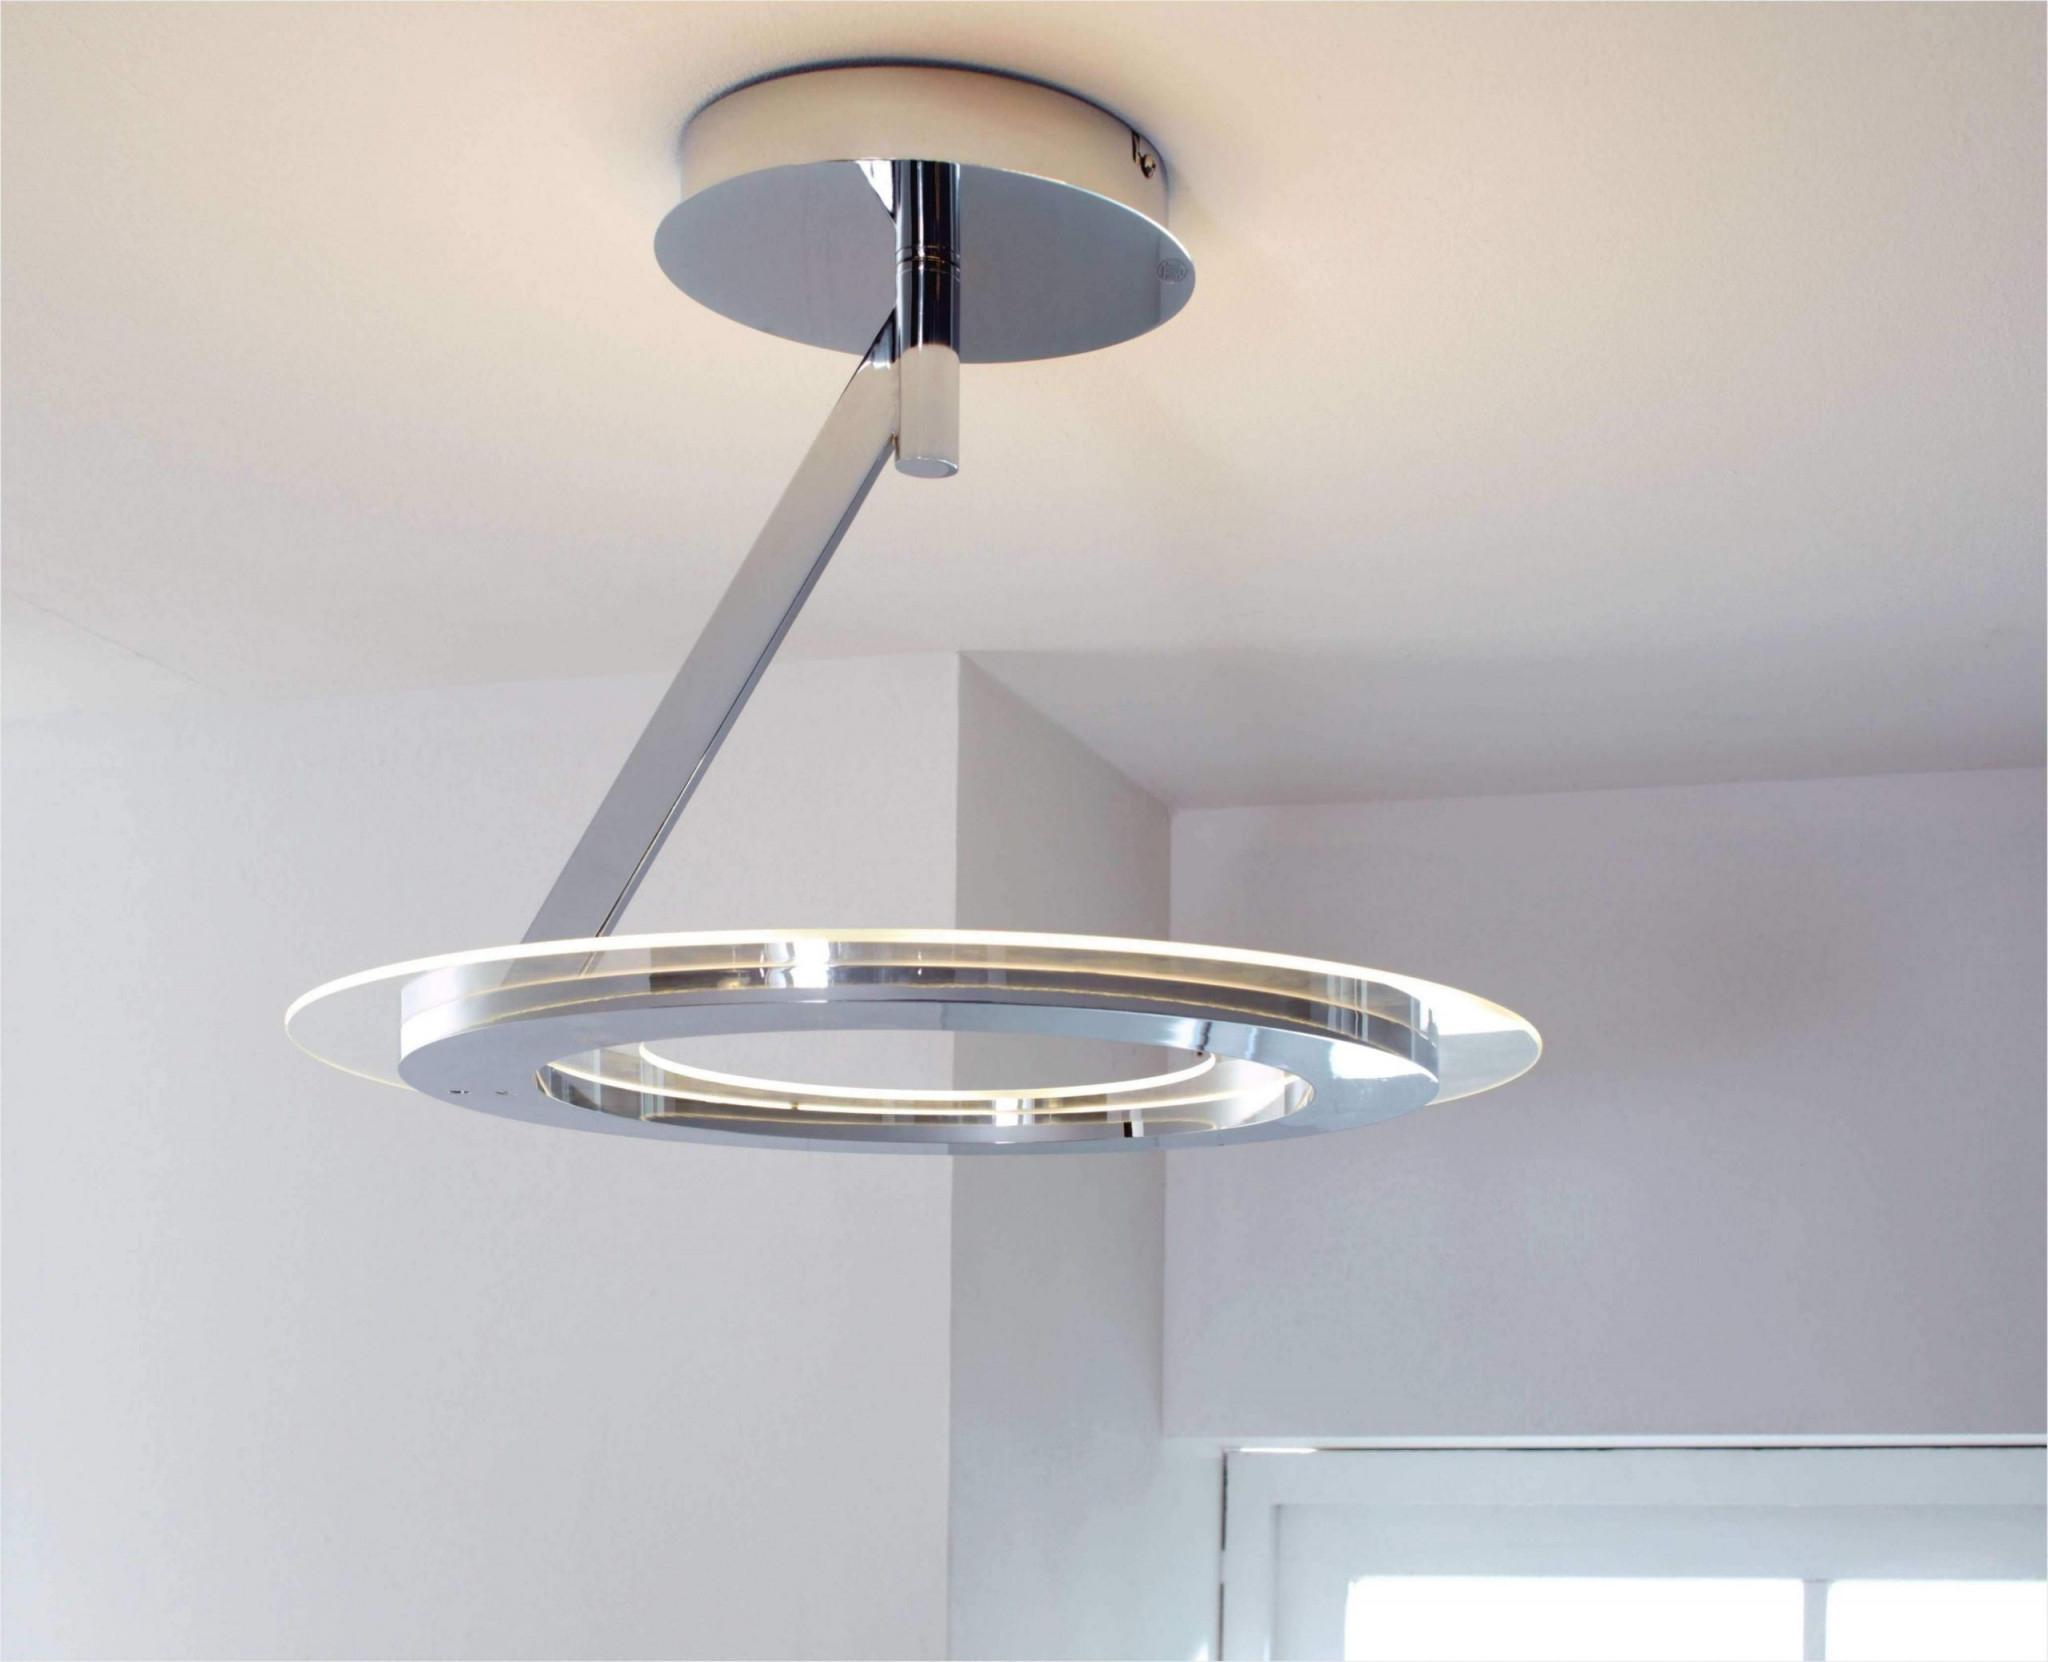 Deckenlampe Wohnzimmer Dimmbar Reizend Deckenleuchte von Deckenleuchte Hängend Wohnzimmer Photo